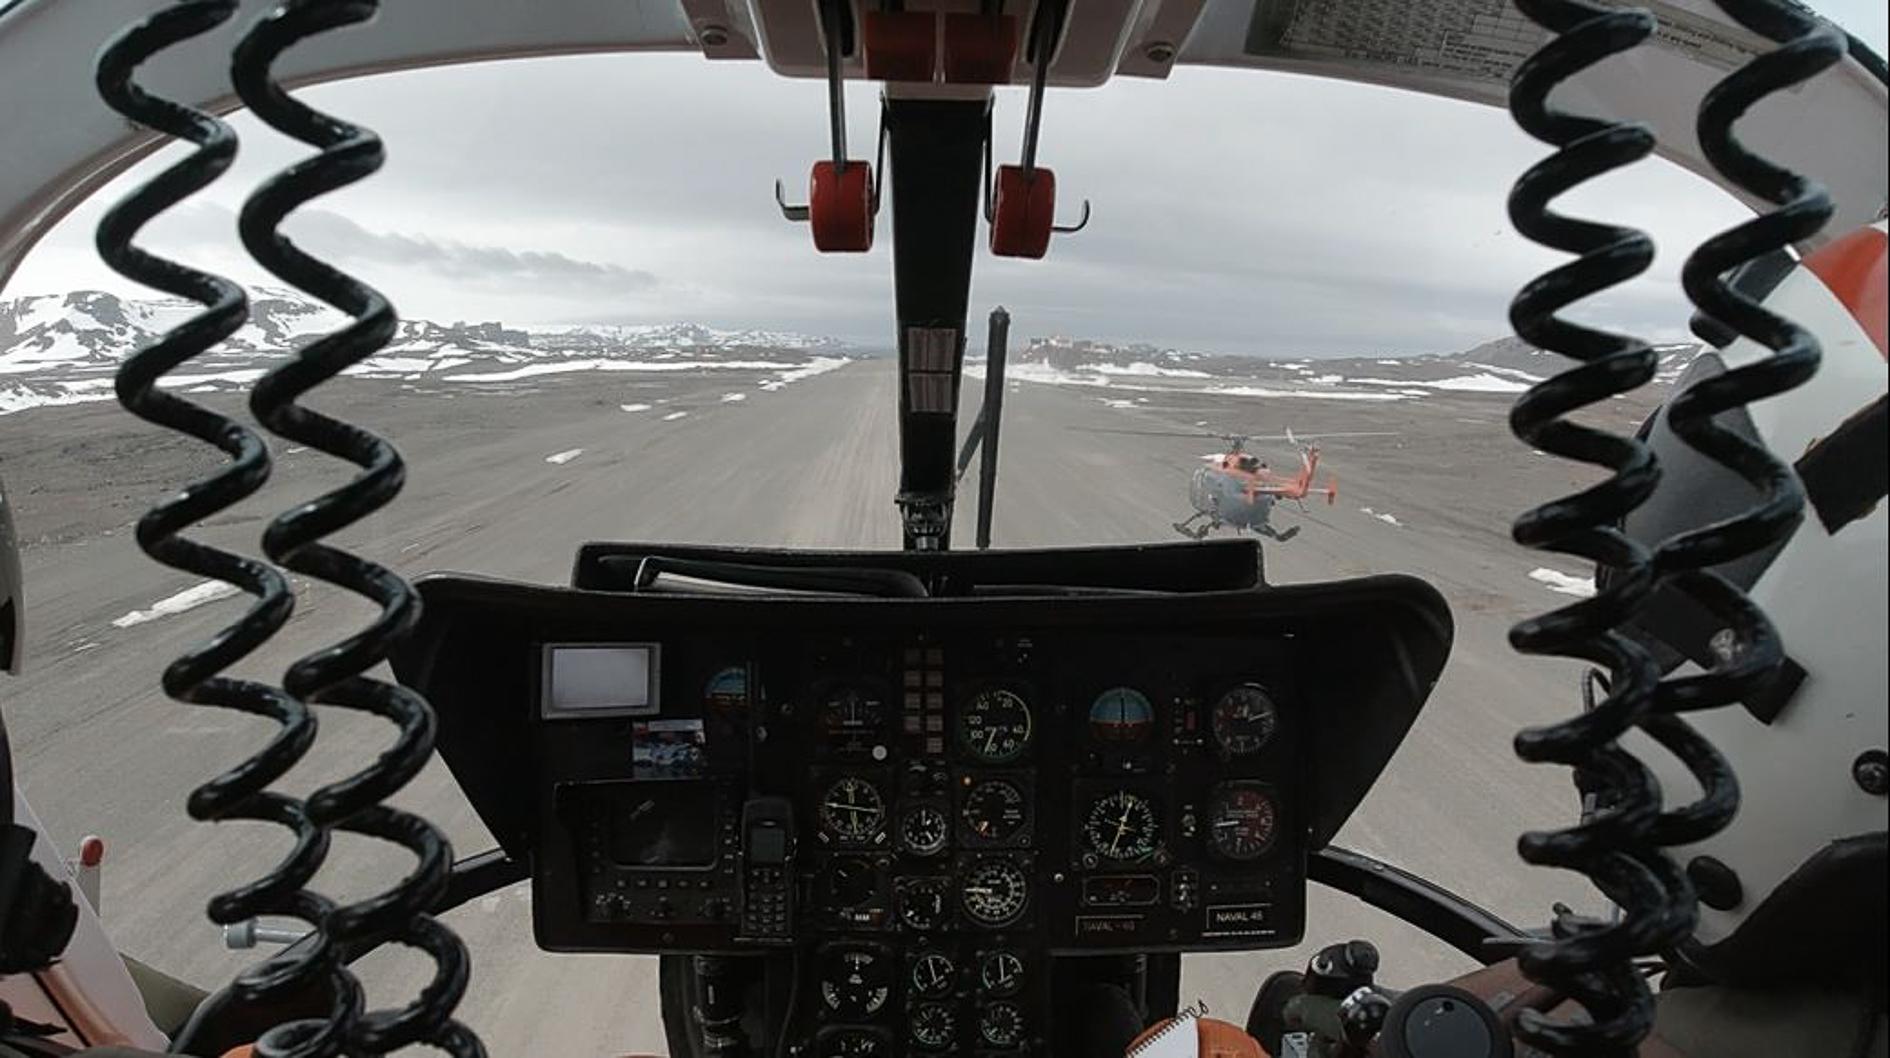 Na zdjęciu widok z kabiny pilota z kokpitem. Przed -helikopter, po lewej i prawej stronie ziemia i wzgórza pokryte śniegiem. Autor Tomasz Kurczaba